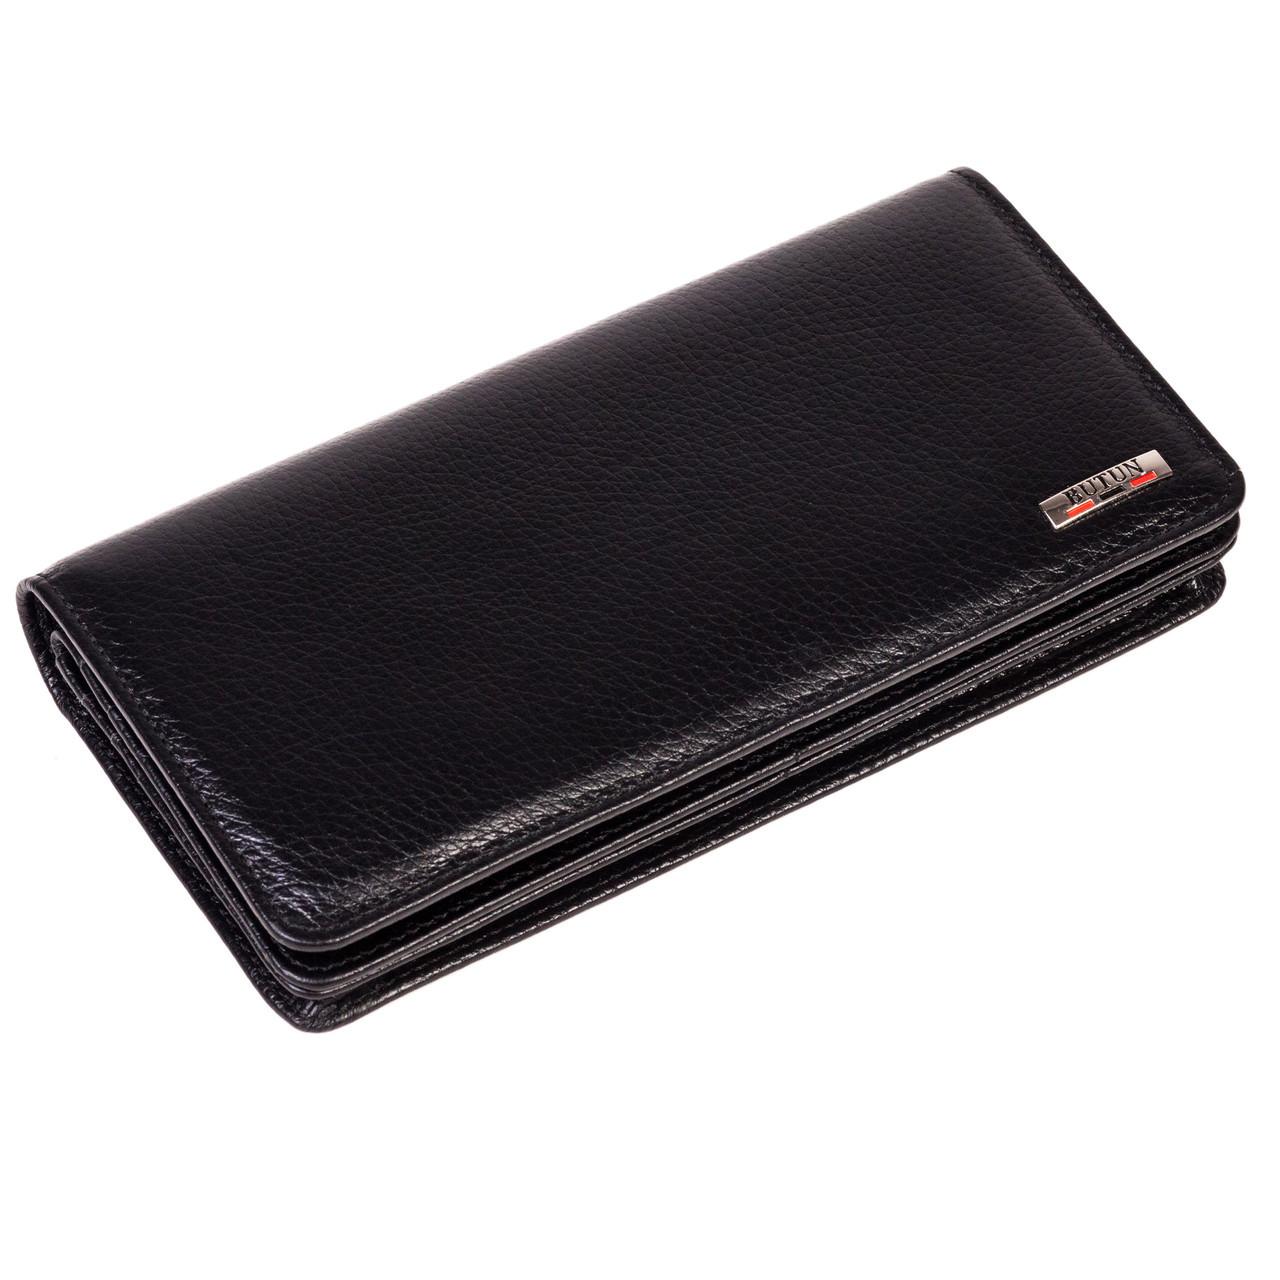 Женский кошелек Butun 641-004-001 кожаный черный